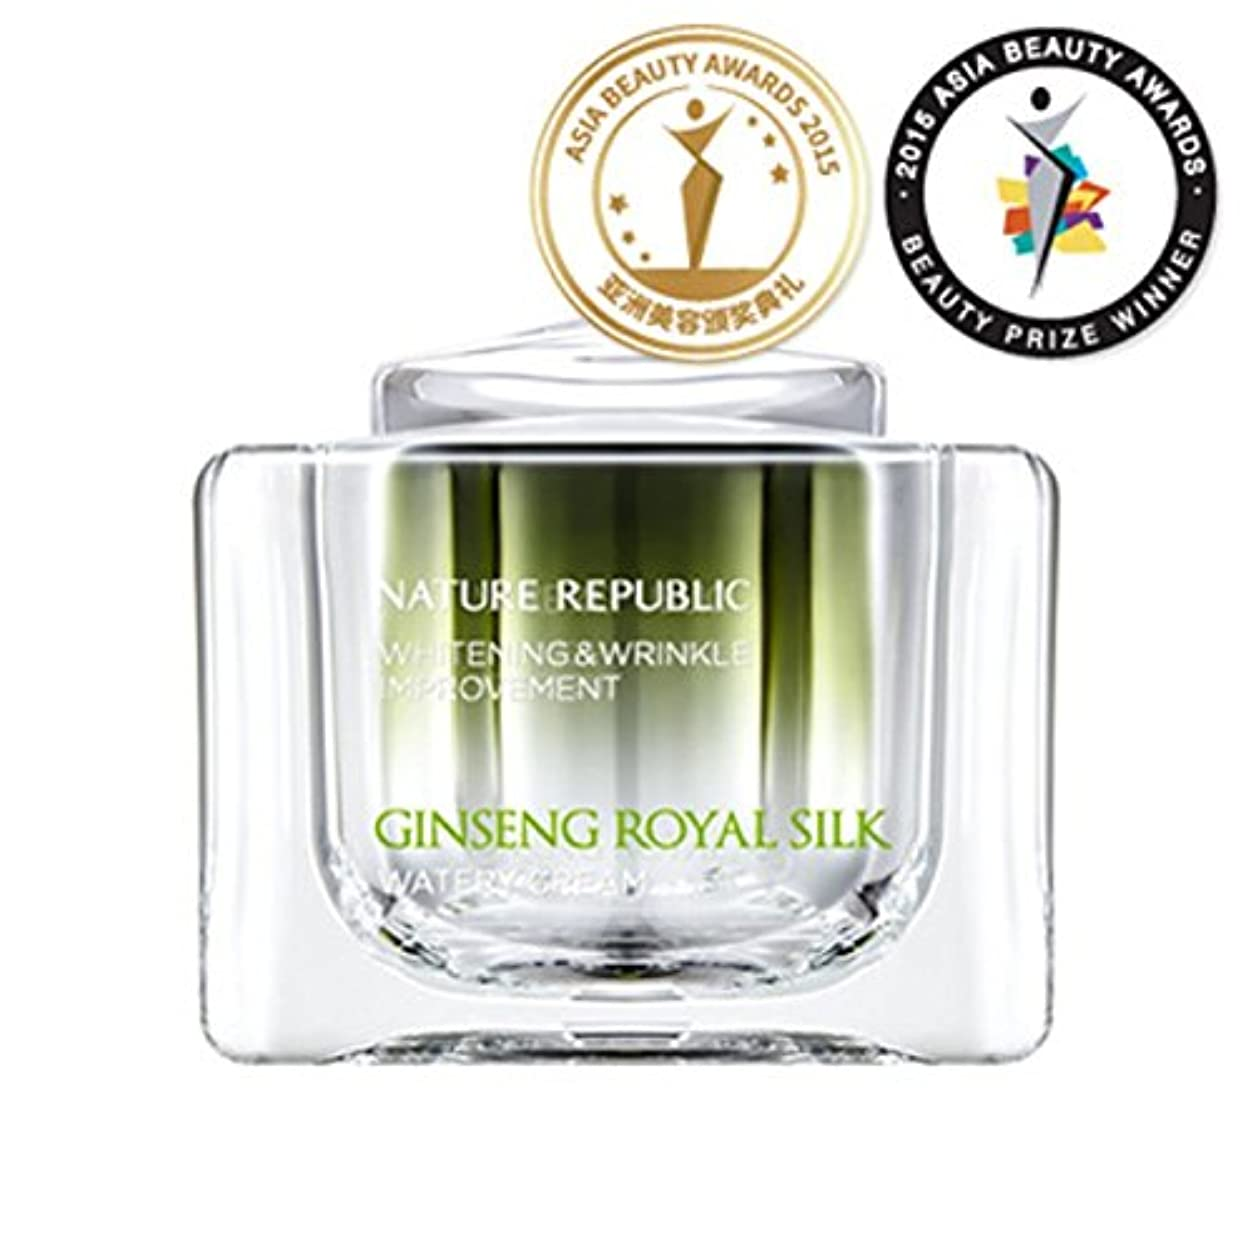 受付メール再撮りネイチャーリパブリック [韓国コスメ NATURE REPUBLIC] ジンセン ロイヤル シルク ウォータリー クリーム [海外直送品]Nature Republic, Ginseng Royal silk Watery cream